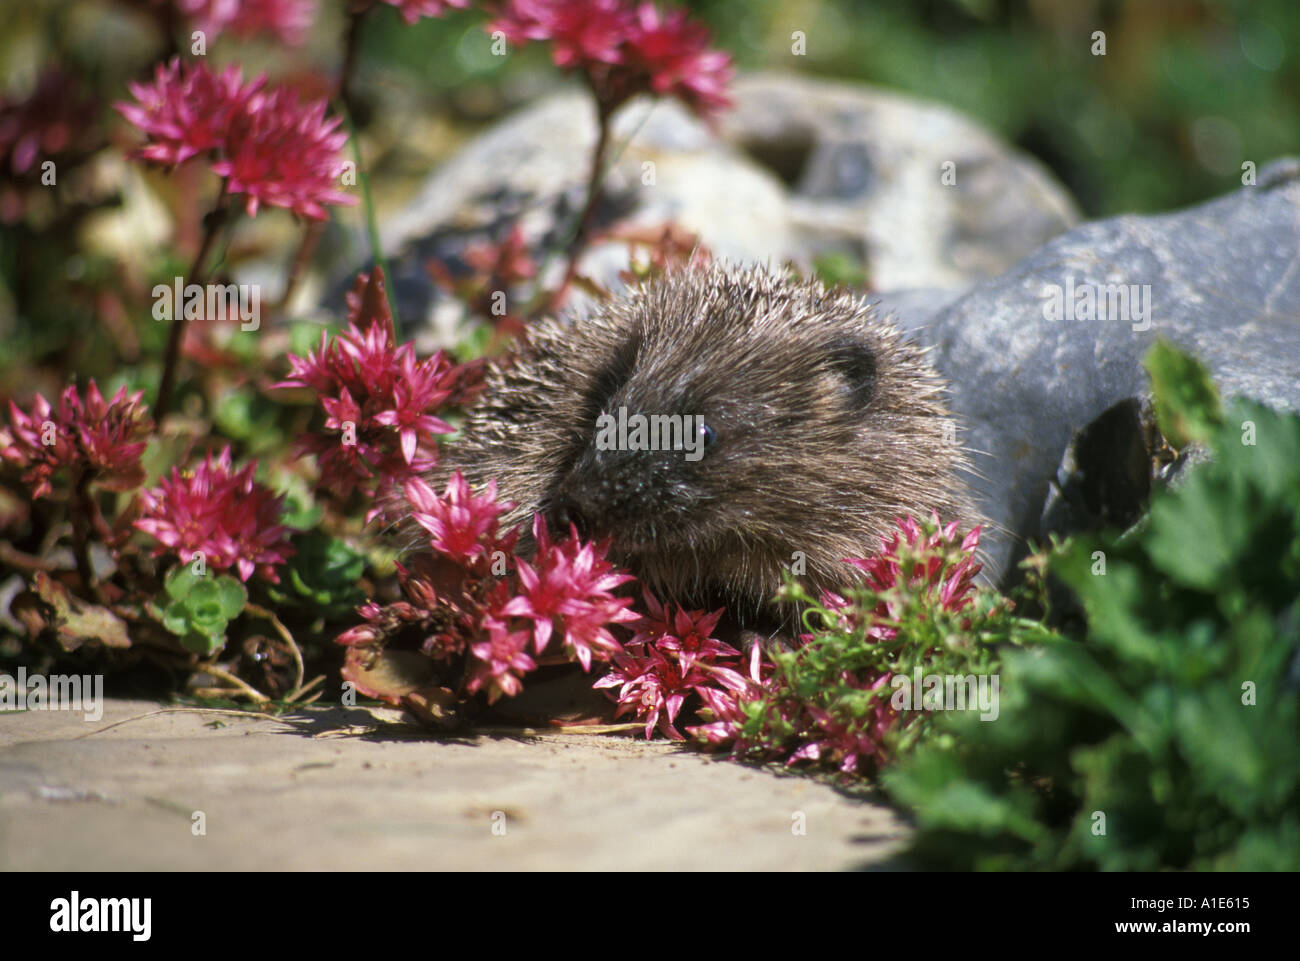 Hedgehog in a garden in England UK - Stock Image